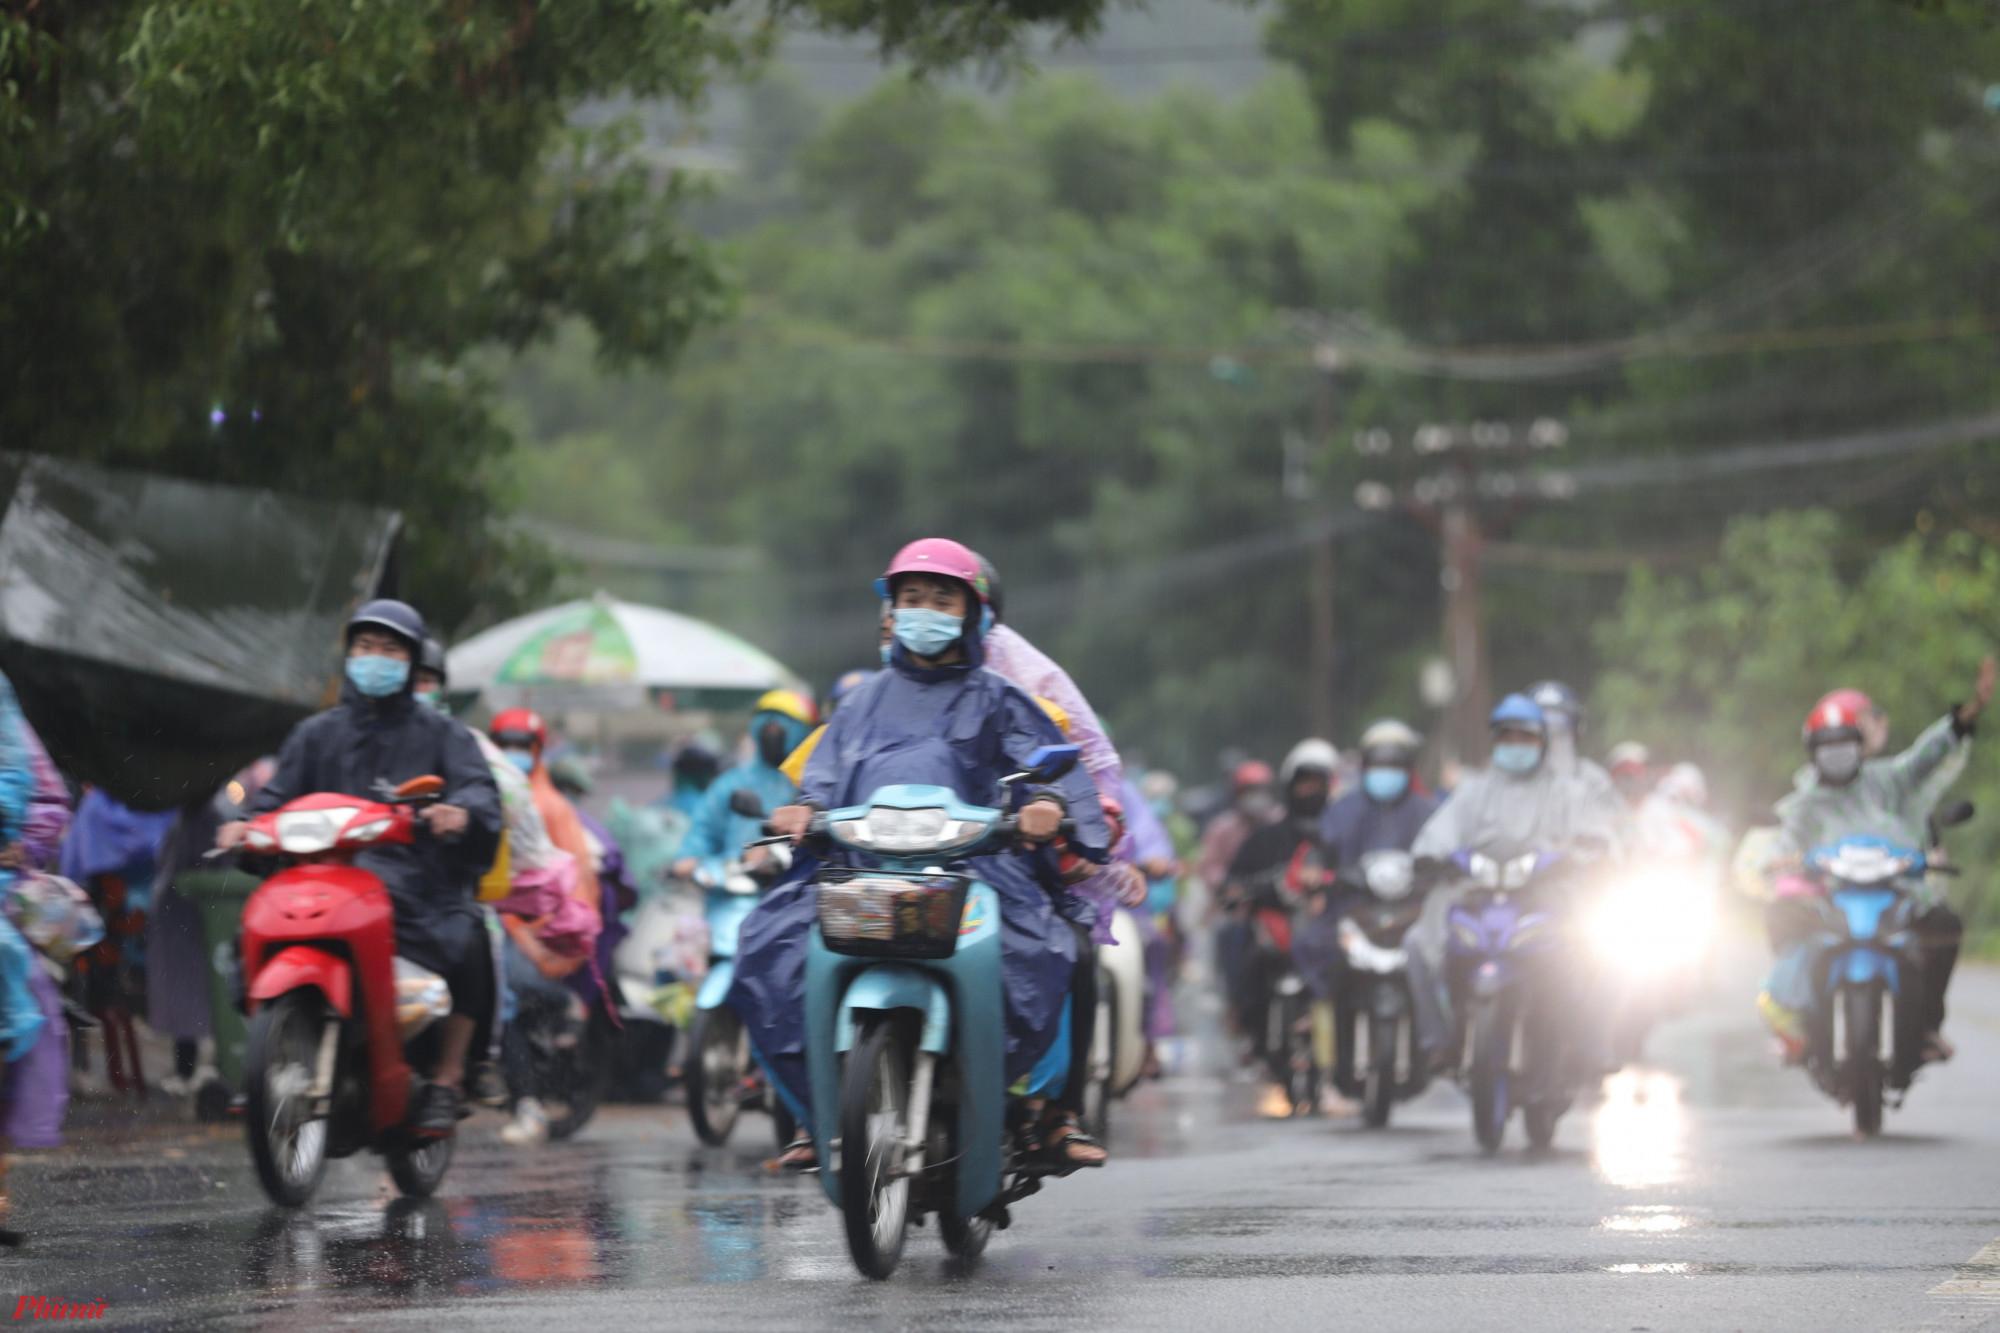 Sau gần tiếng trời tạnh ráo, những cơn mưa nặng hạt tiếp tục ập đến khiến hành trình của hàng nghìn người đi xe máy về các tỉnh phía Bắc thêm khó khăn, Thiếu tá Huỳnh Tuế, Đội trưởng Đội Cảnh sát giao thông huyện Phú Lộc cho biết, số lượng người từ các tỉnh, thành phố phía Nam trở về quê qua chốt số 5 tăng rất nhanh trong 2 ngày.